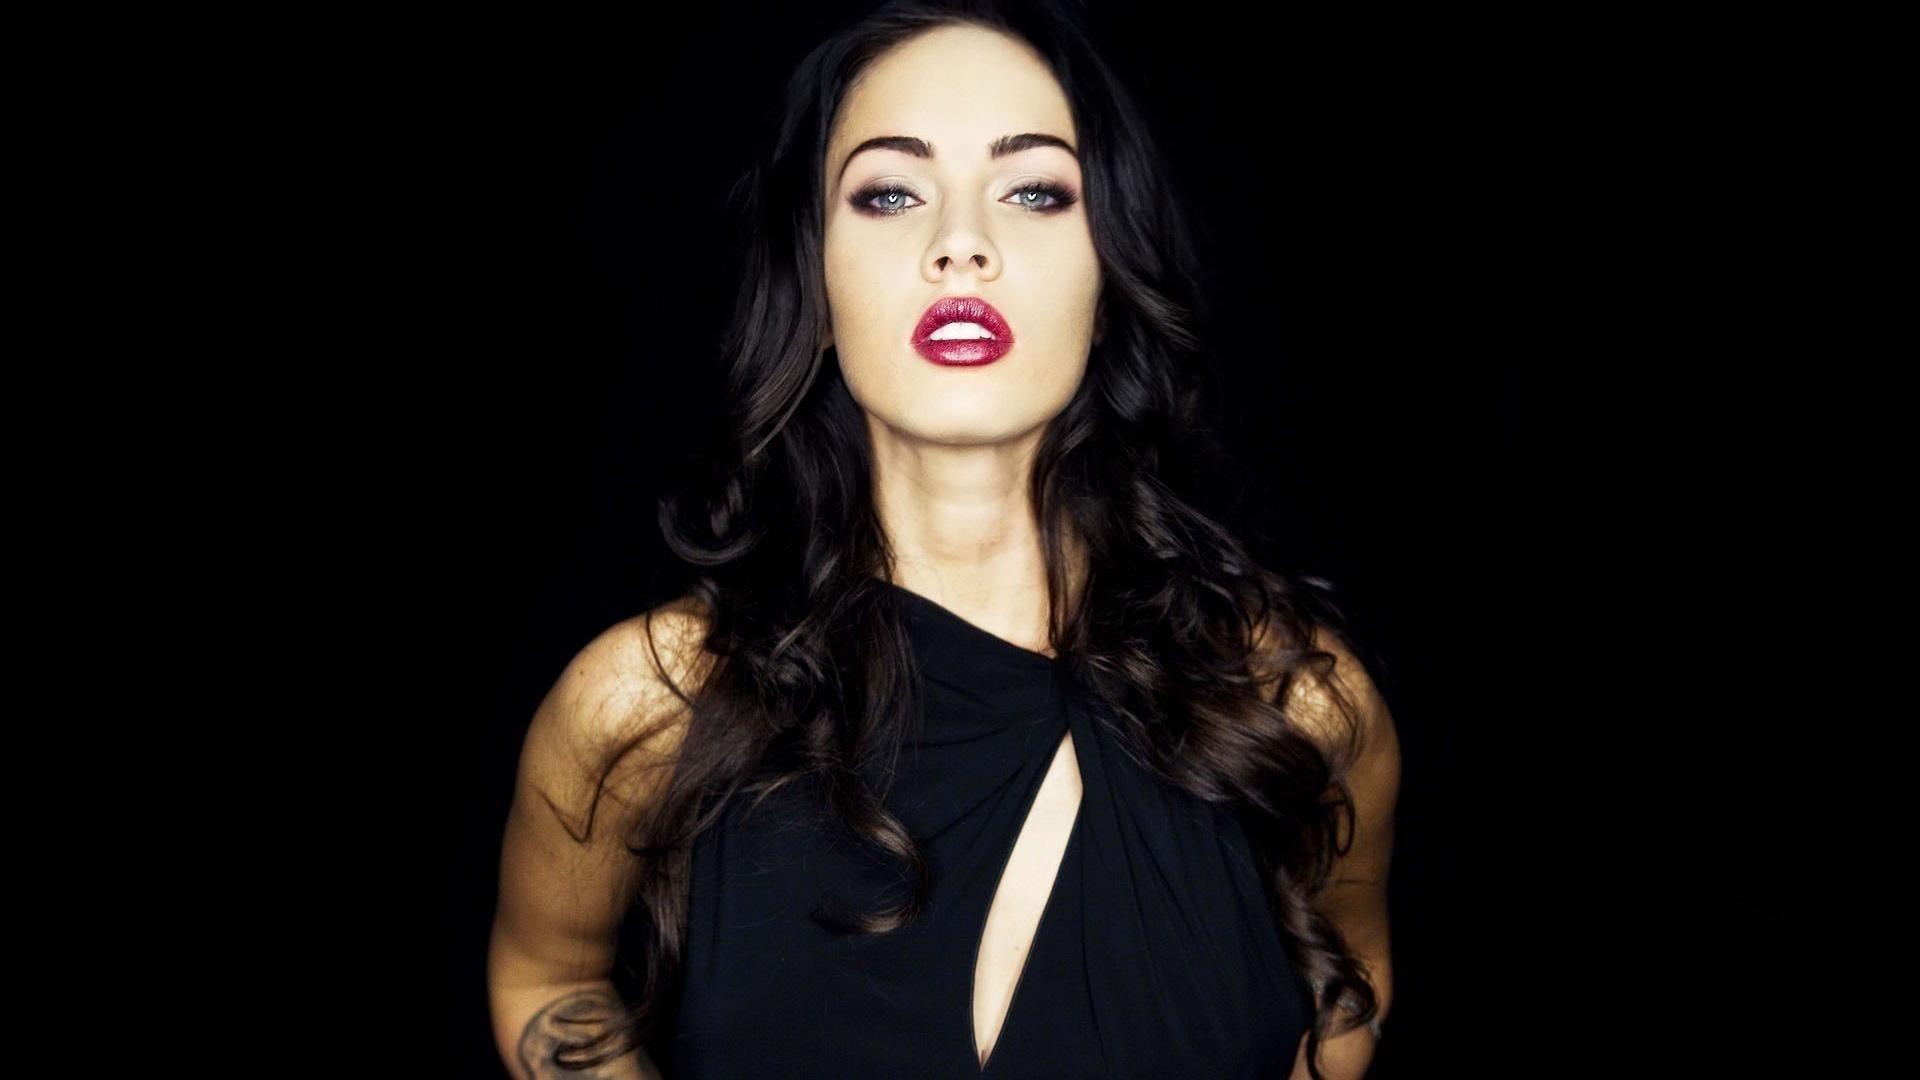 Megan Fox Hot Girl HD Wallpaper of Celebrities 1920x1080